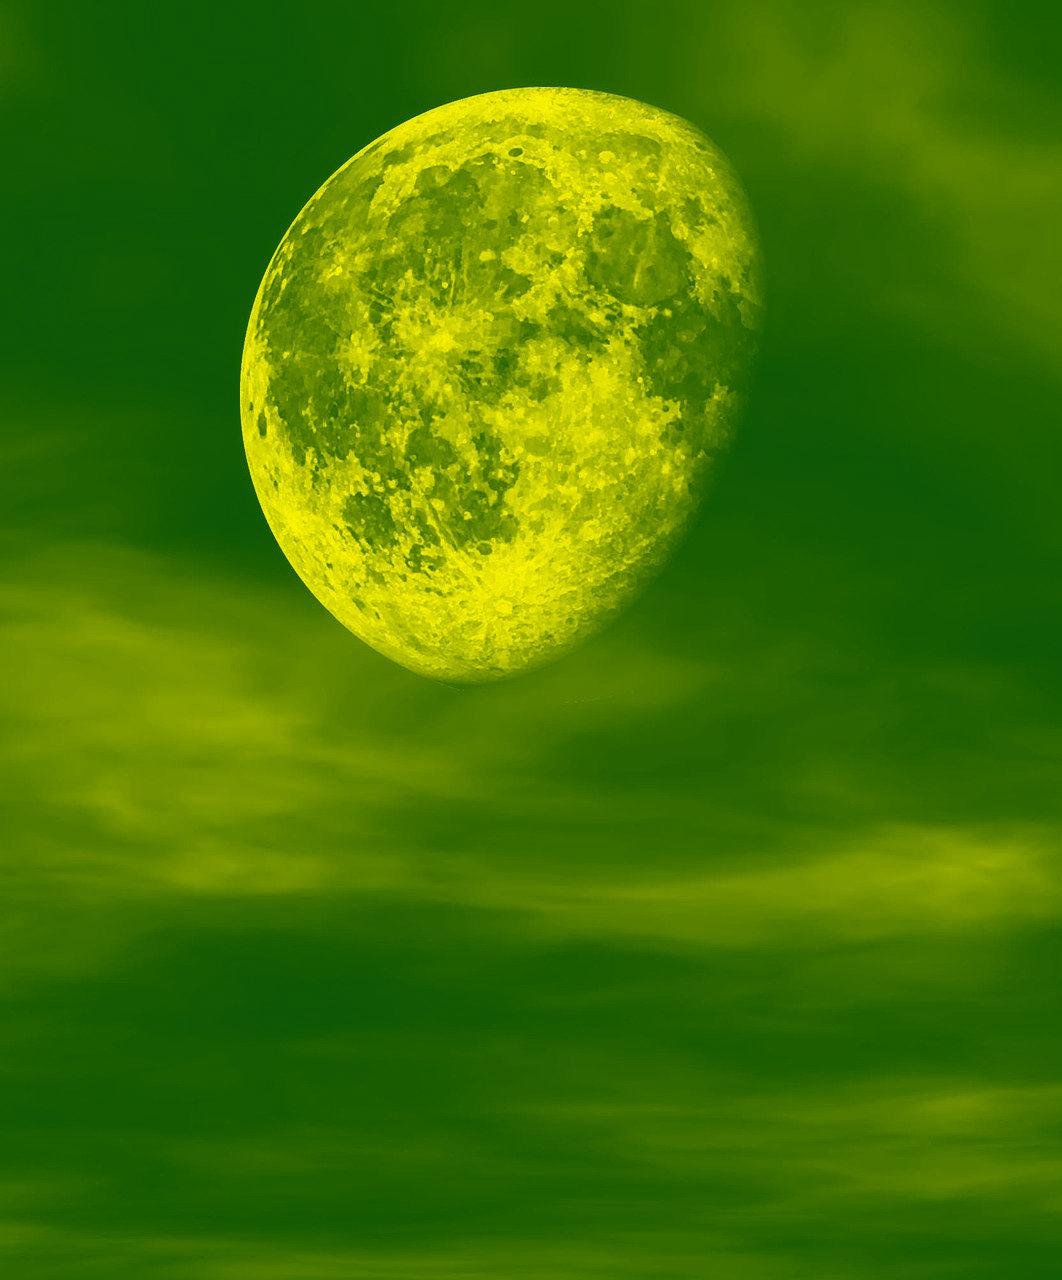 Moon Green